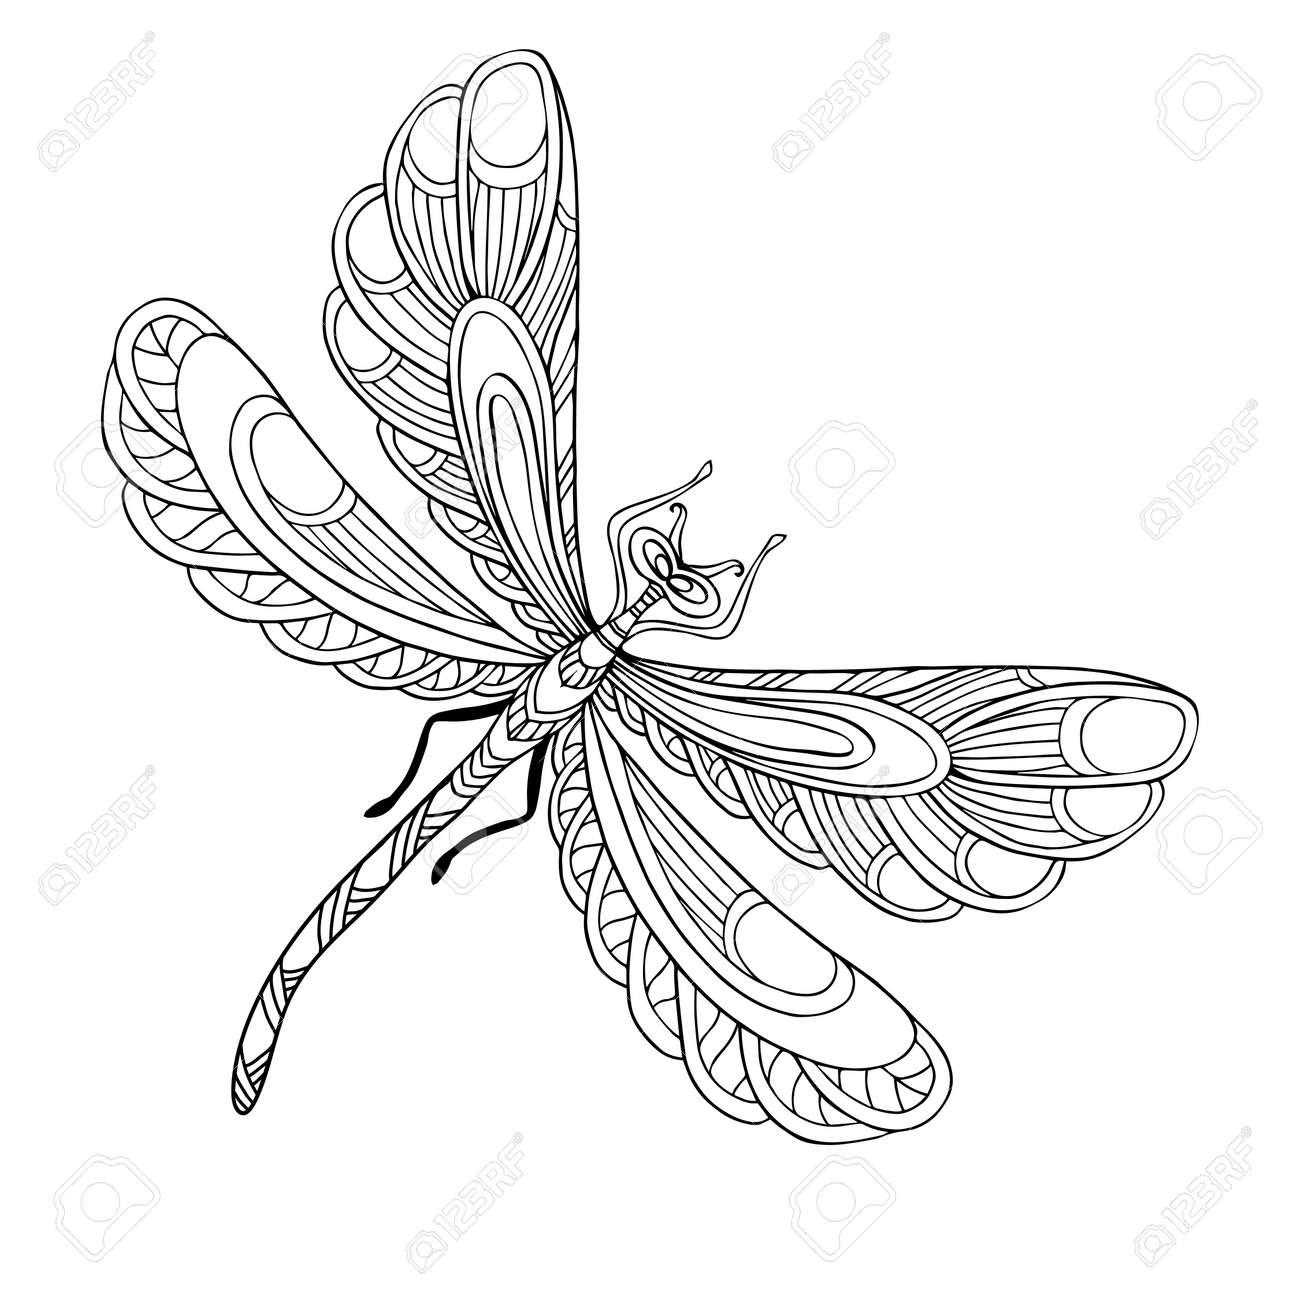 Nett Eine Malvorlage Eines Schmetterlings Galerie - Entry Level ...